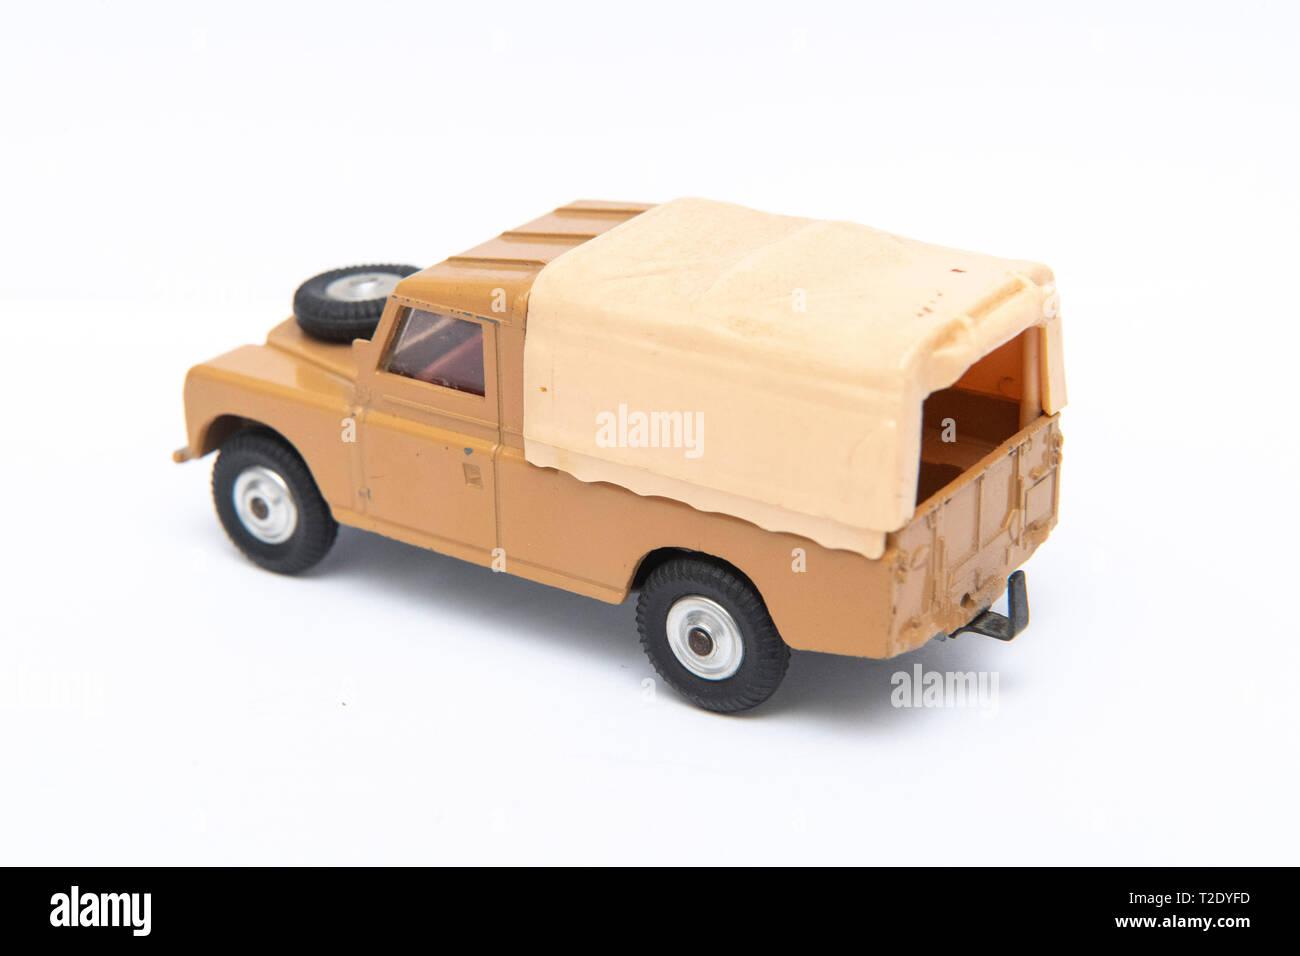 Corgi Toys Stock Photos & Corgi Toys Stock Images - Alamy